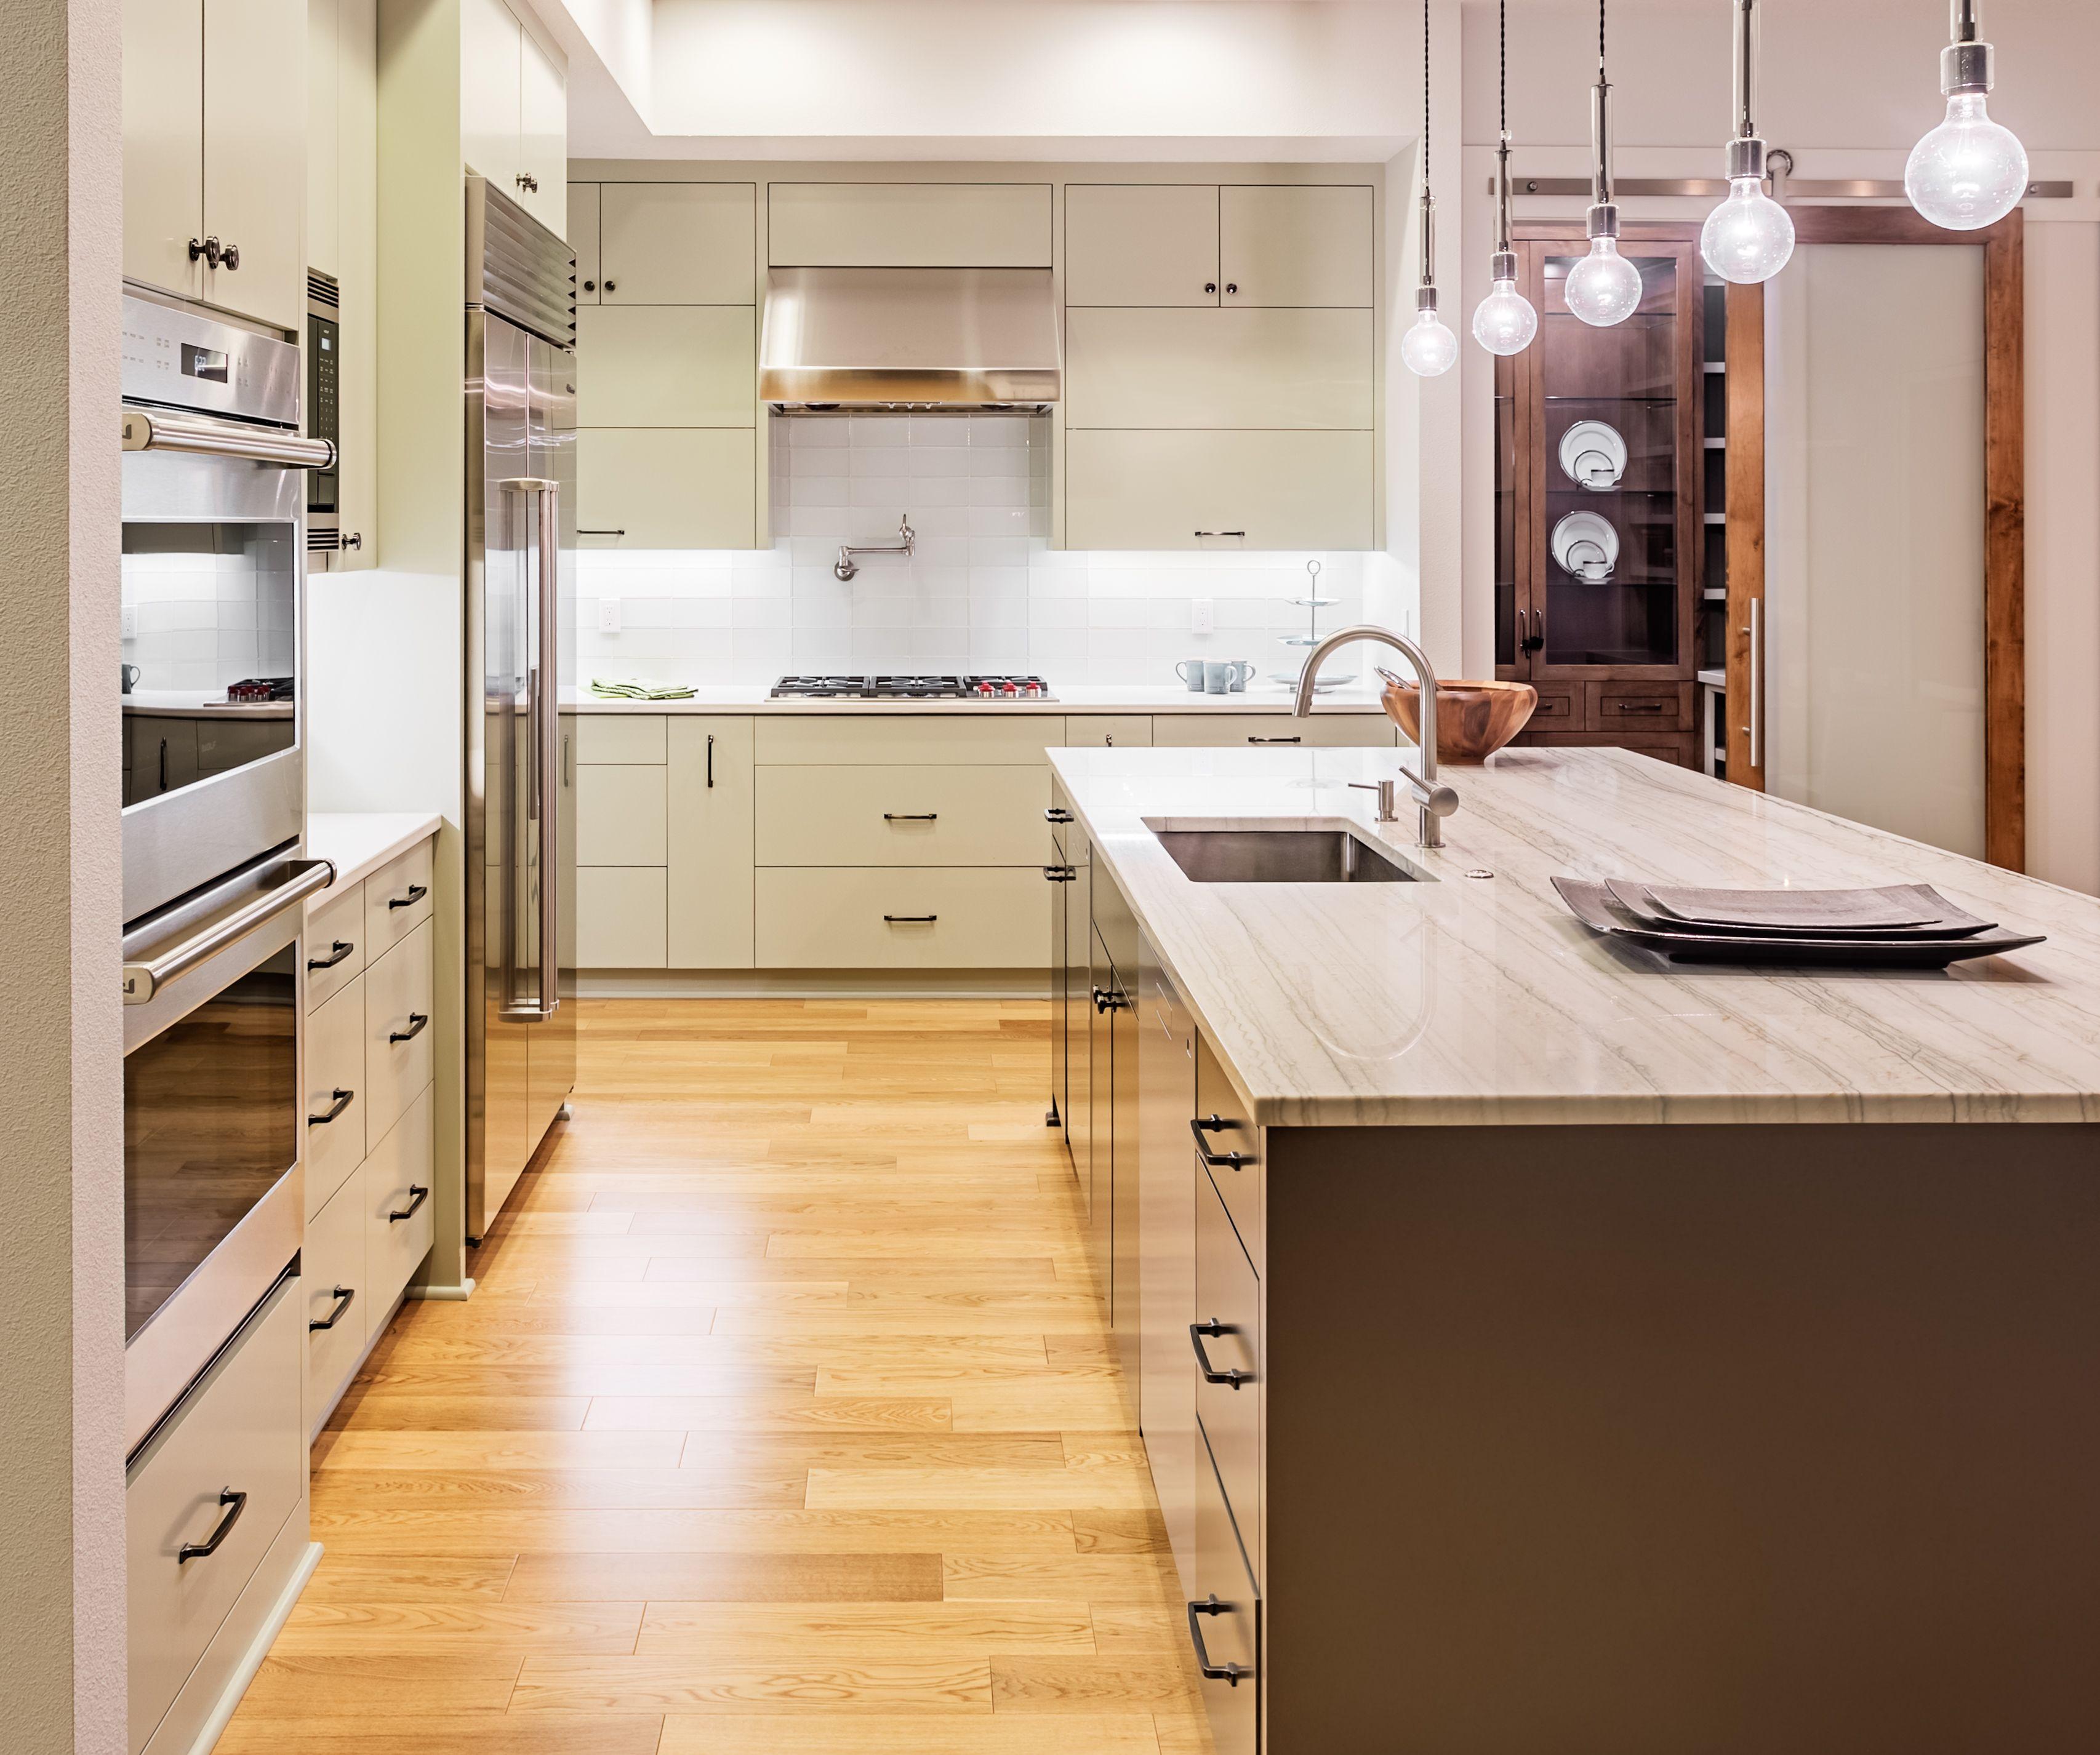 Jasna Drewniana Kremowa Kuchnia Z Wyspą Kuchenną Uwagę